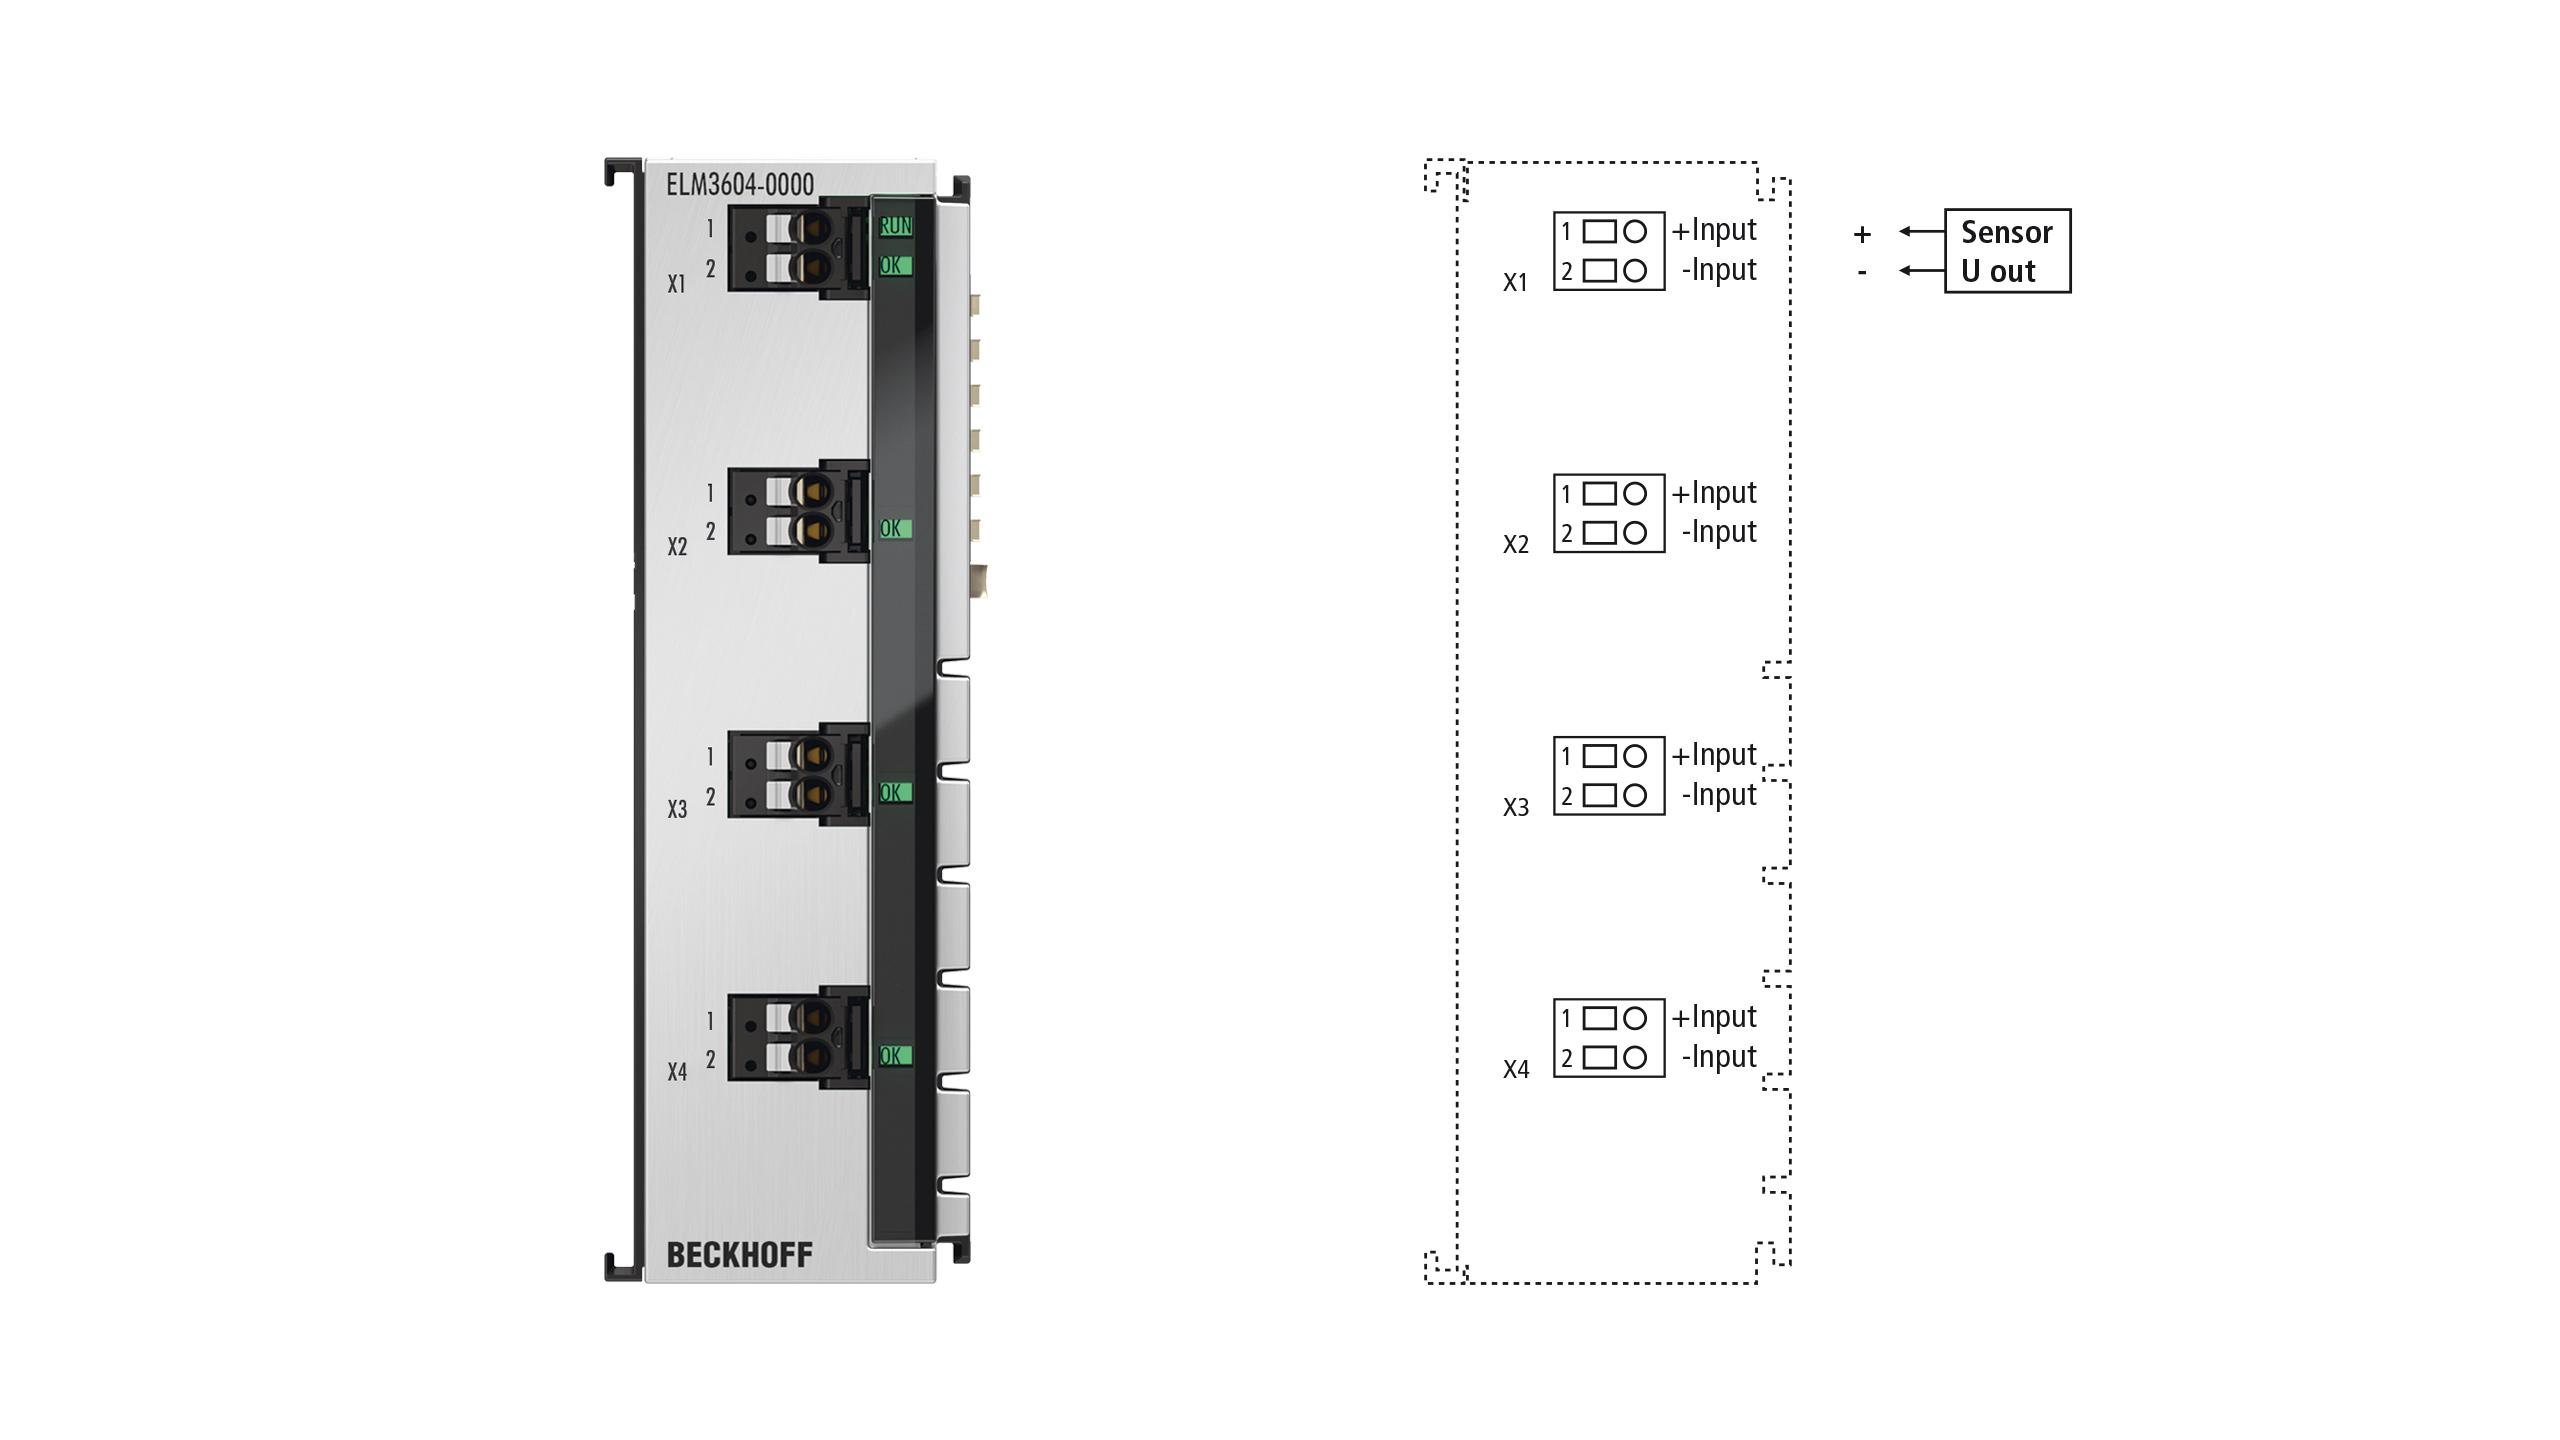 ELM3604-0000 | 4-Kanal-IEPE-Auswertung, 24Bit, 20kSps